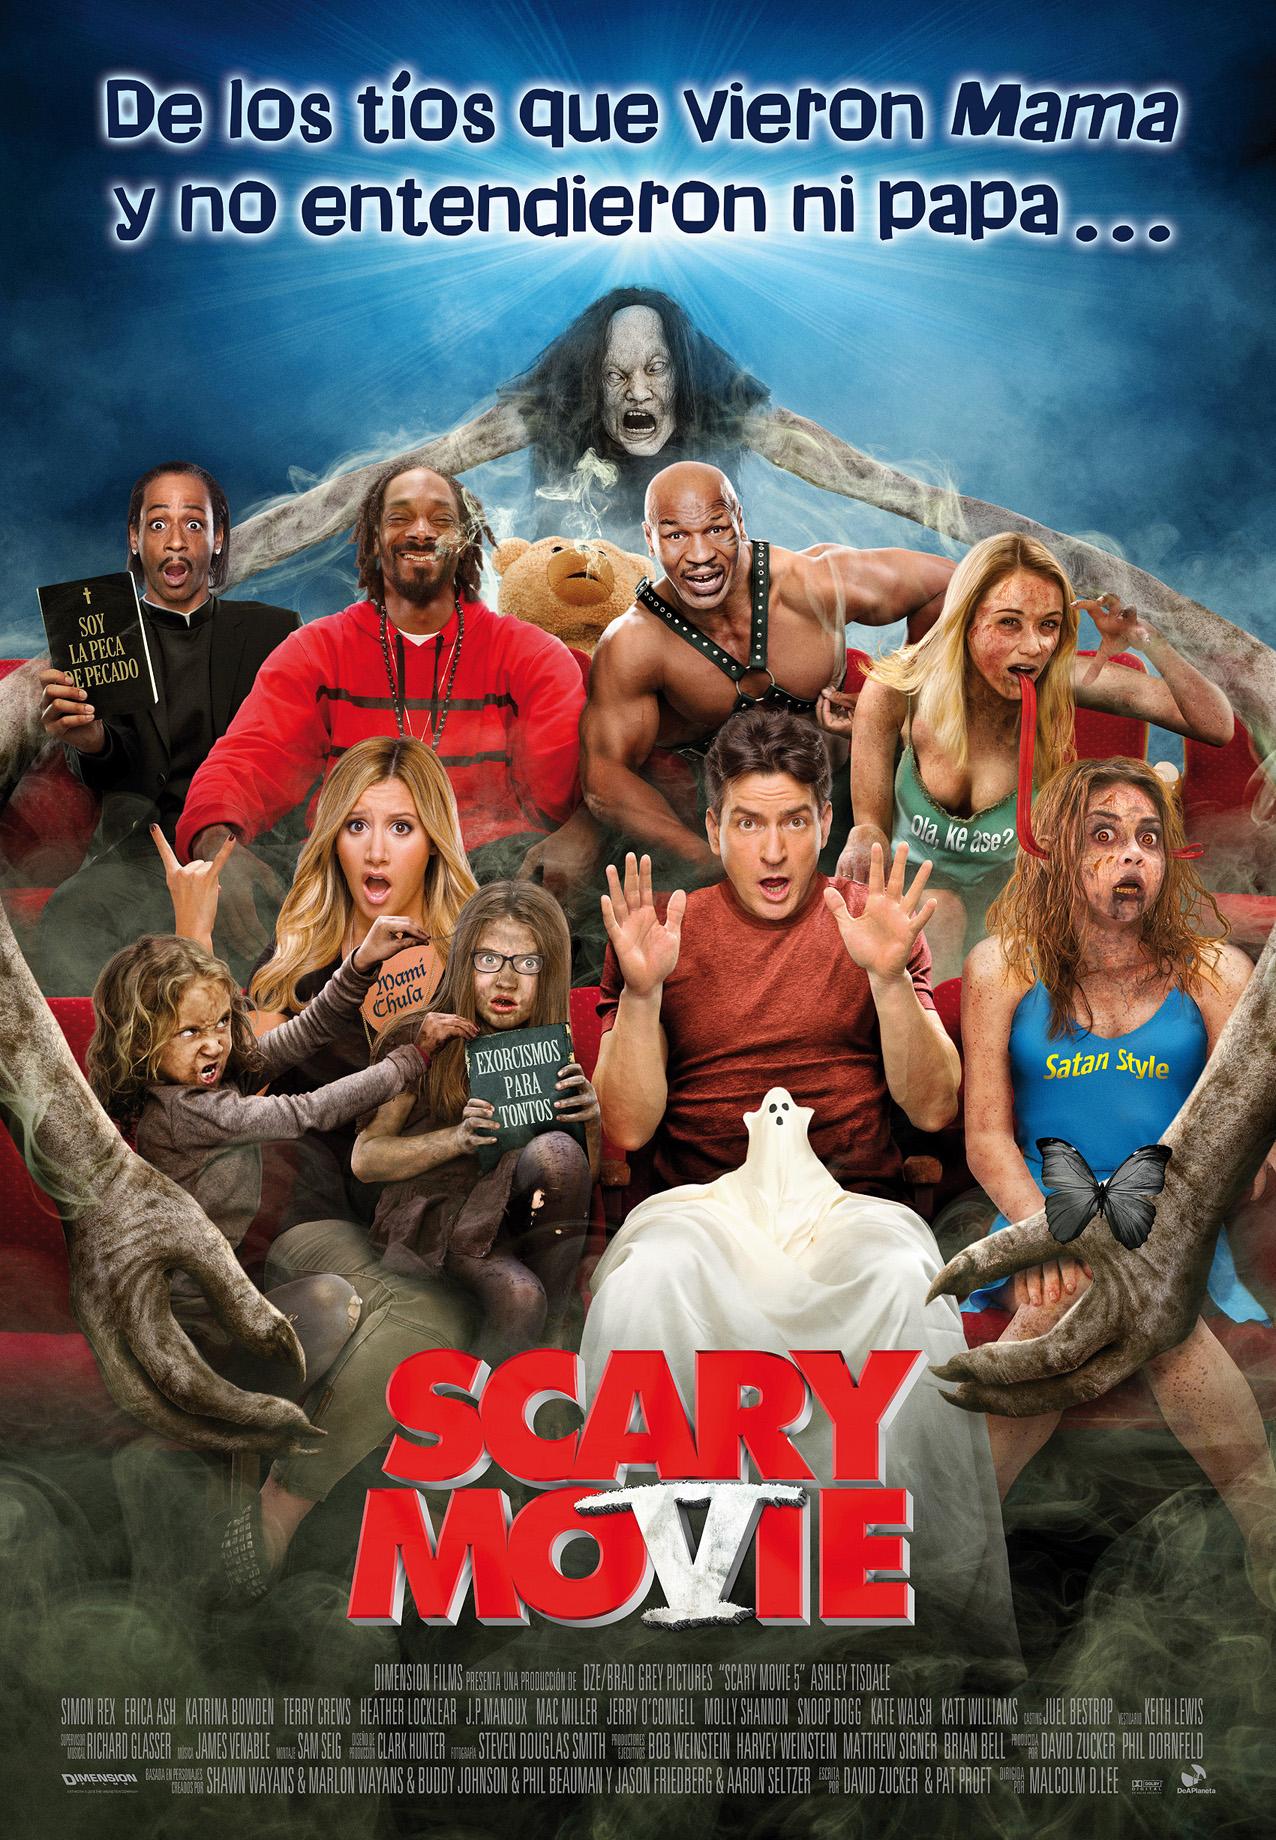 Cartelera de cine: Scary MoVie. Parodias, risas y Lindsay Lohan